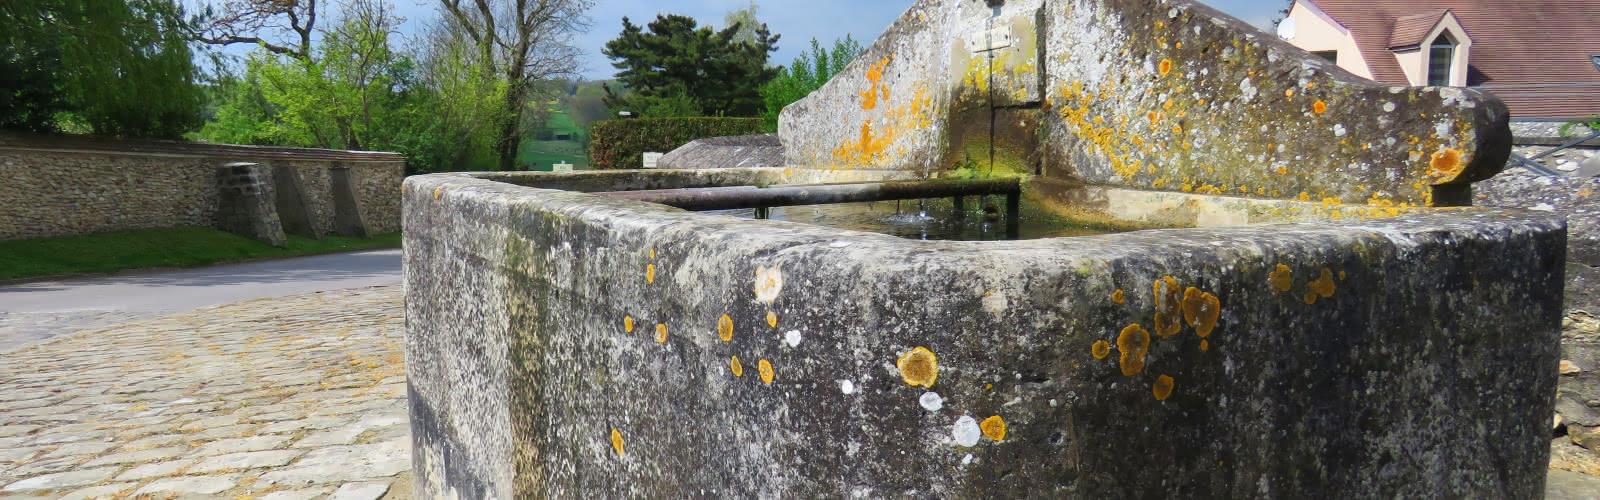 Abreuvoir-fontaine